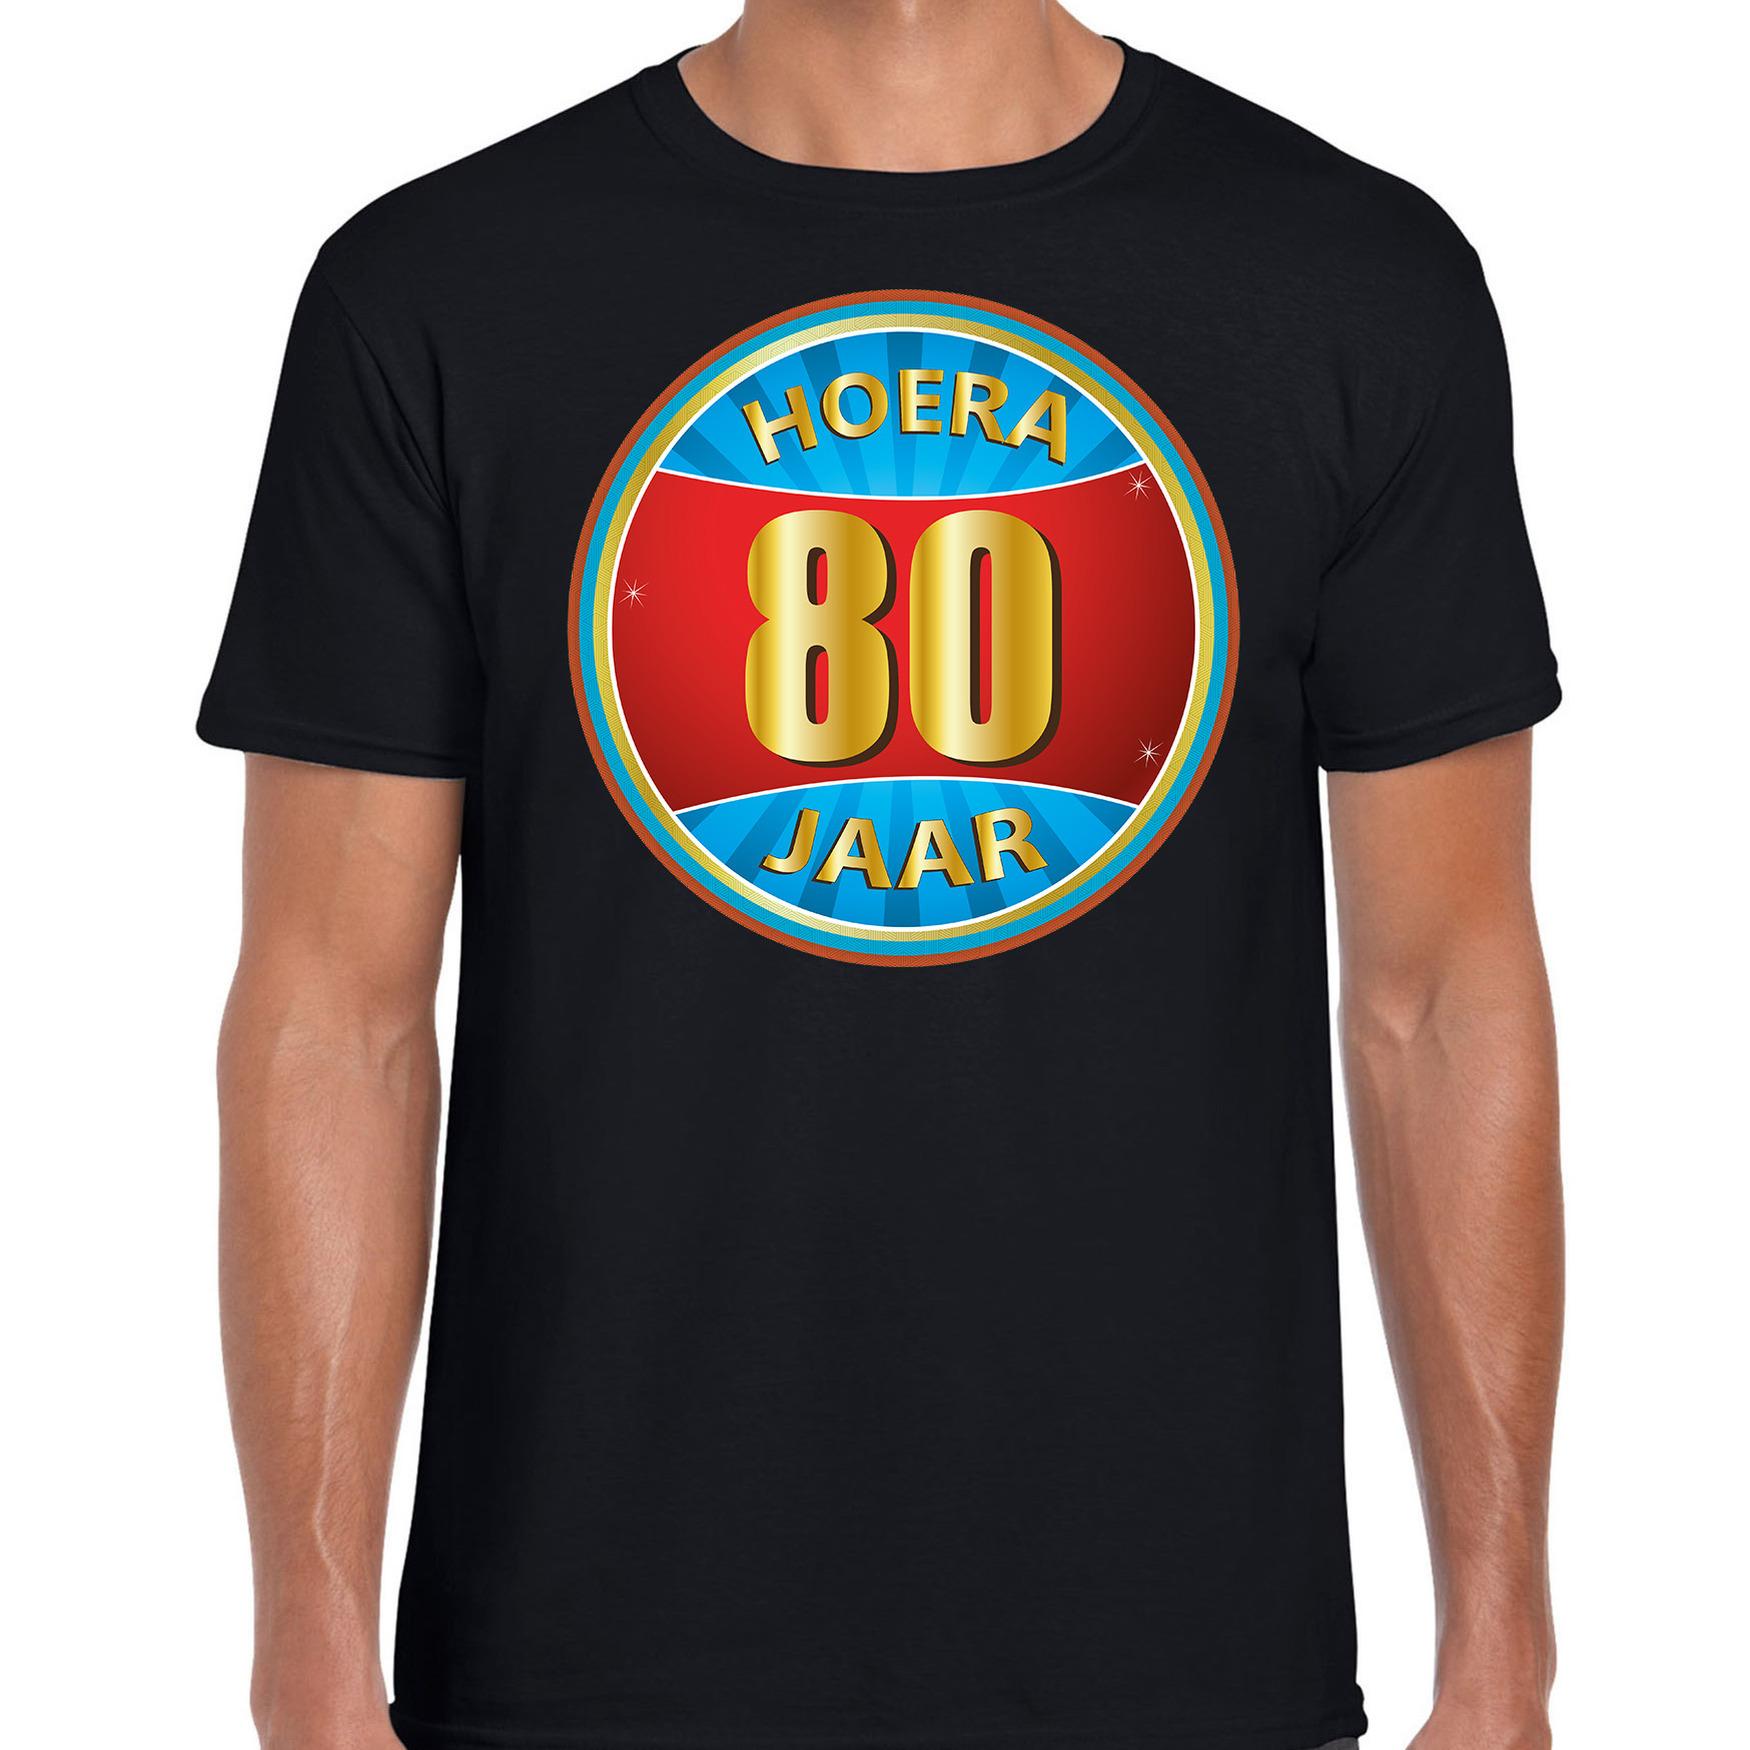 80e verjaardag cadeau t shirt hoera 80 jaar zwart voor heren